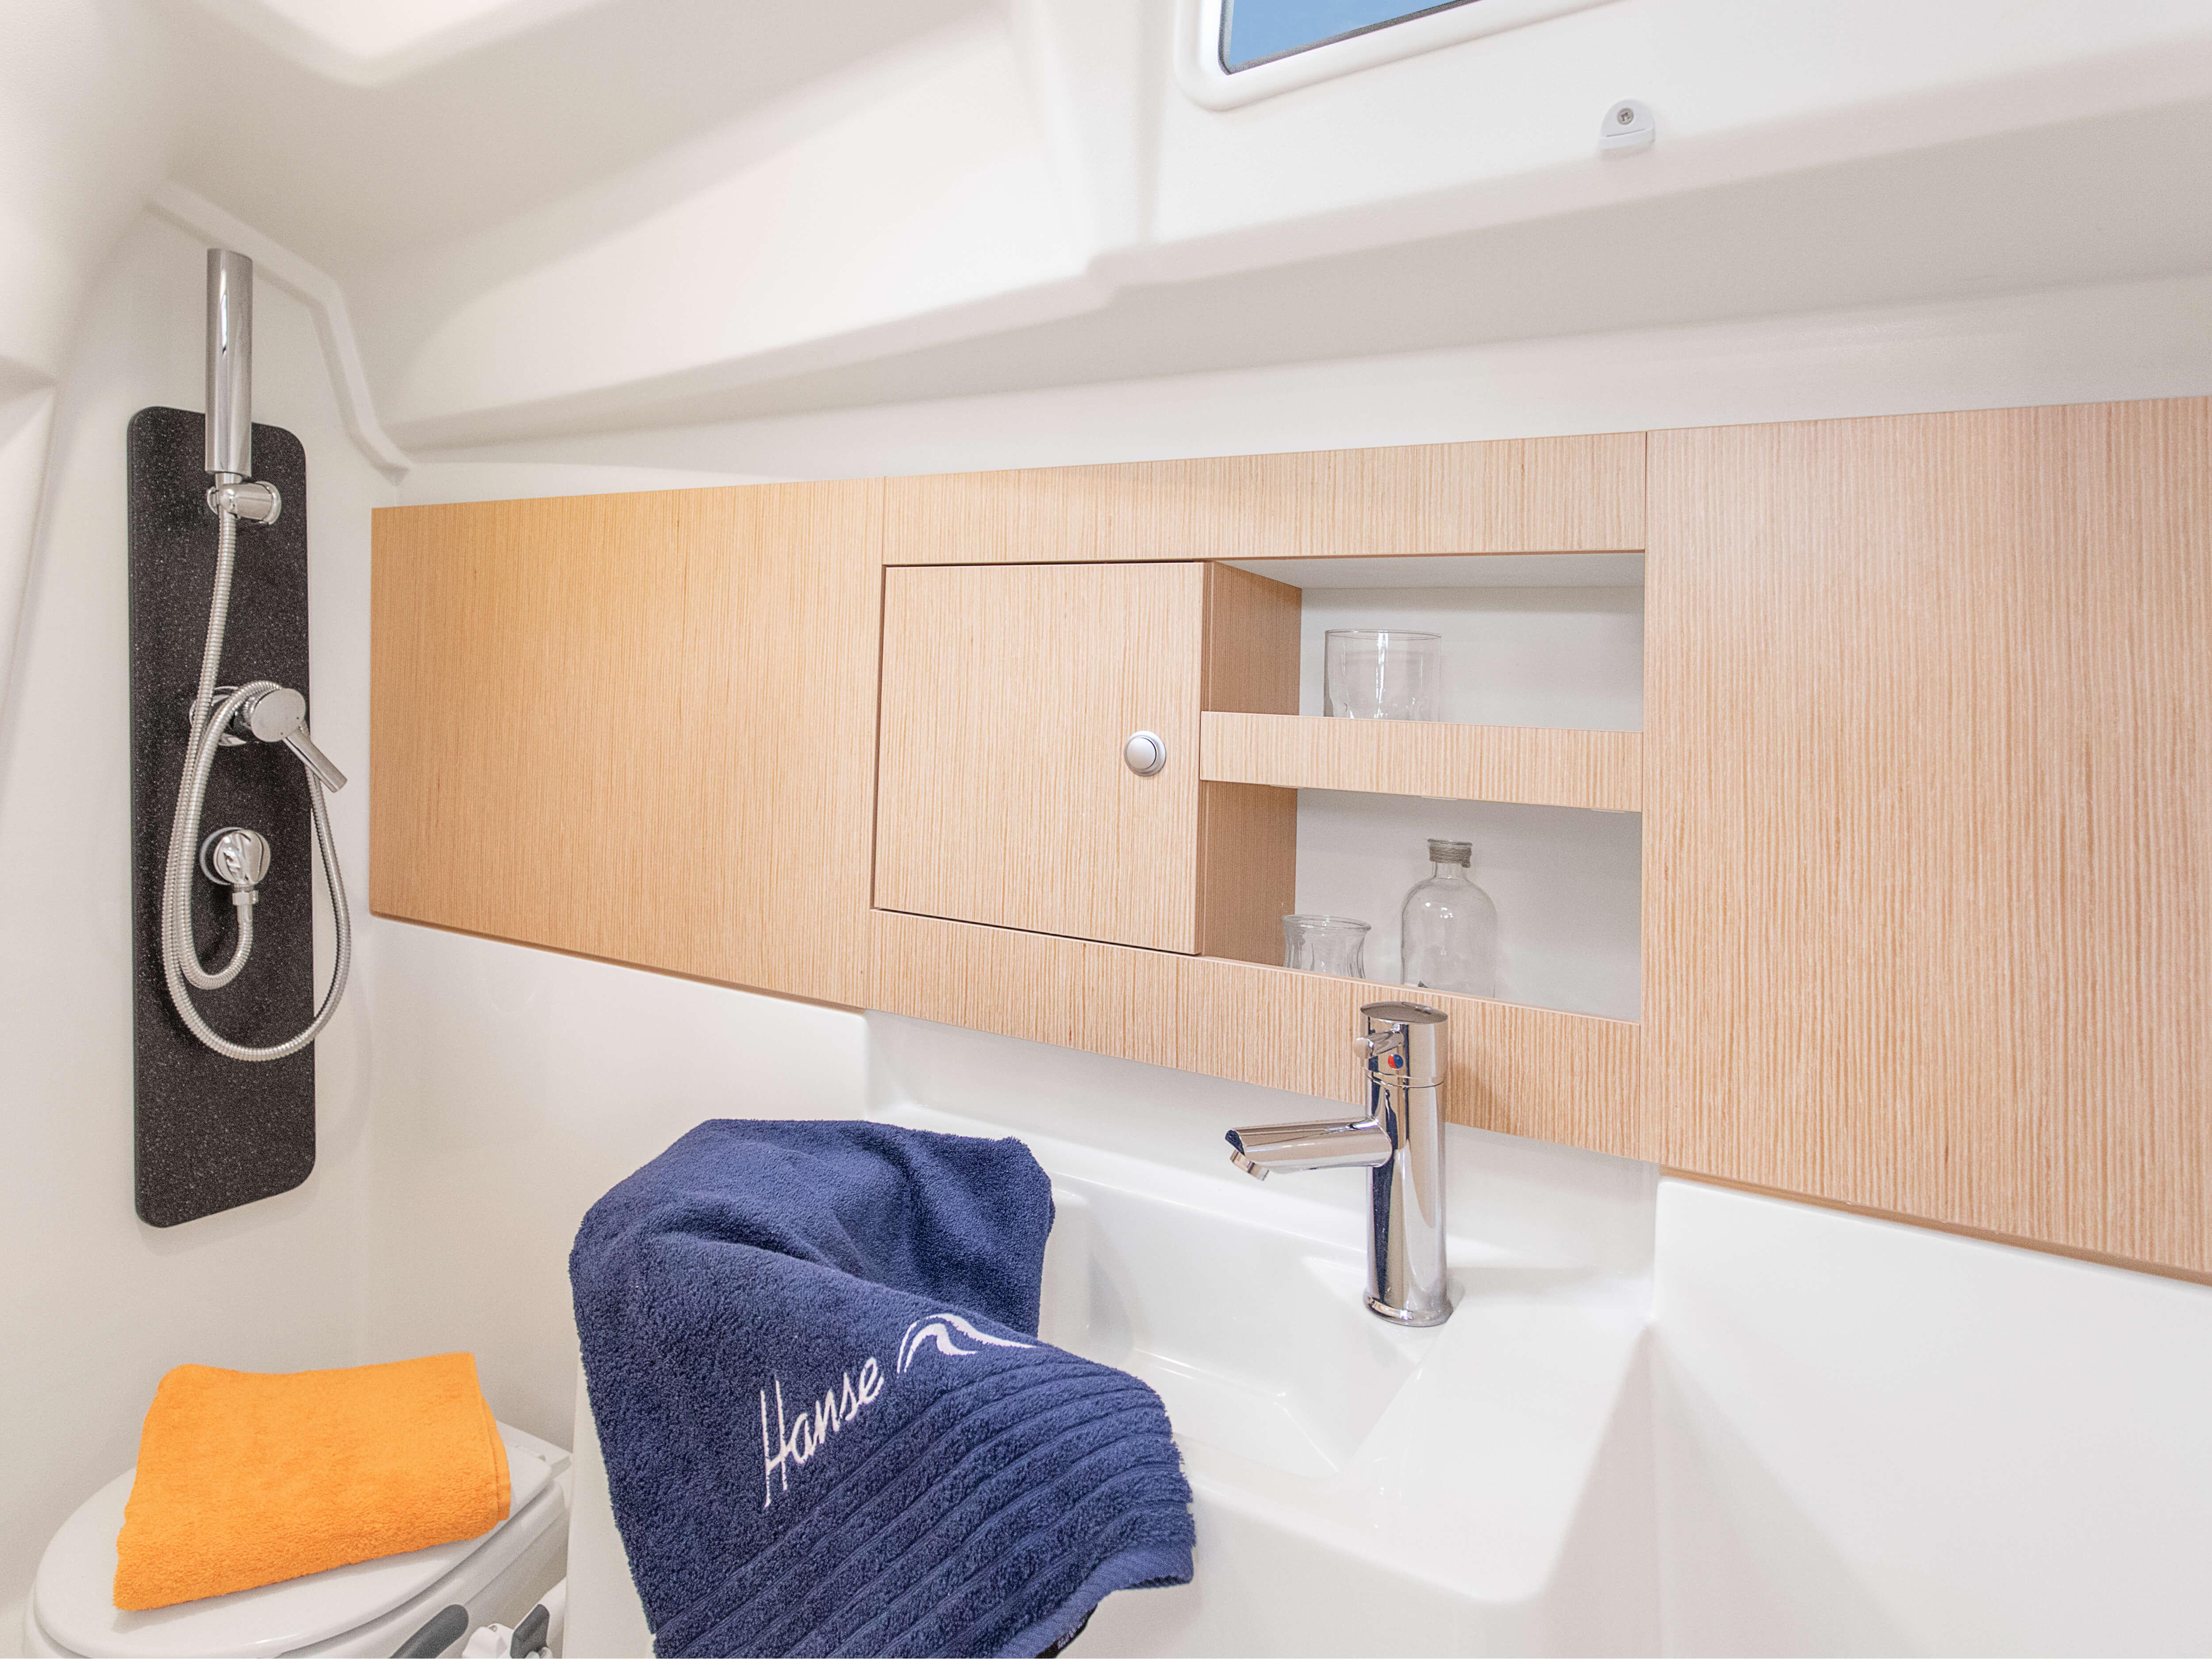 Hanse 315 Interno pila a liquido | Grazie alle diverse varianti di layout e alla grande selezione di combinazioni ed opzioni - con un'alta qualità di tessuti, legno pregiato, colori di tendenza e la possibilità di selezionare pavimenti e arredi eleganti - rende il tuo HANSE uno yacht totalmente personalizzato. | Hanse